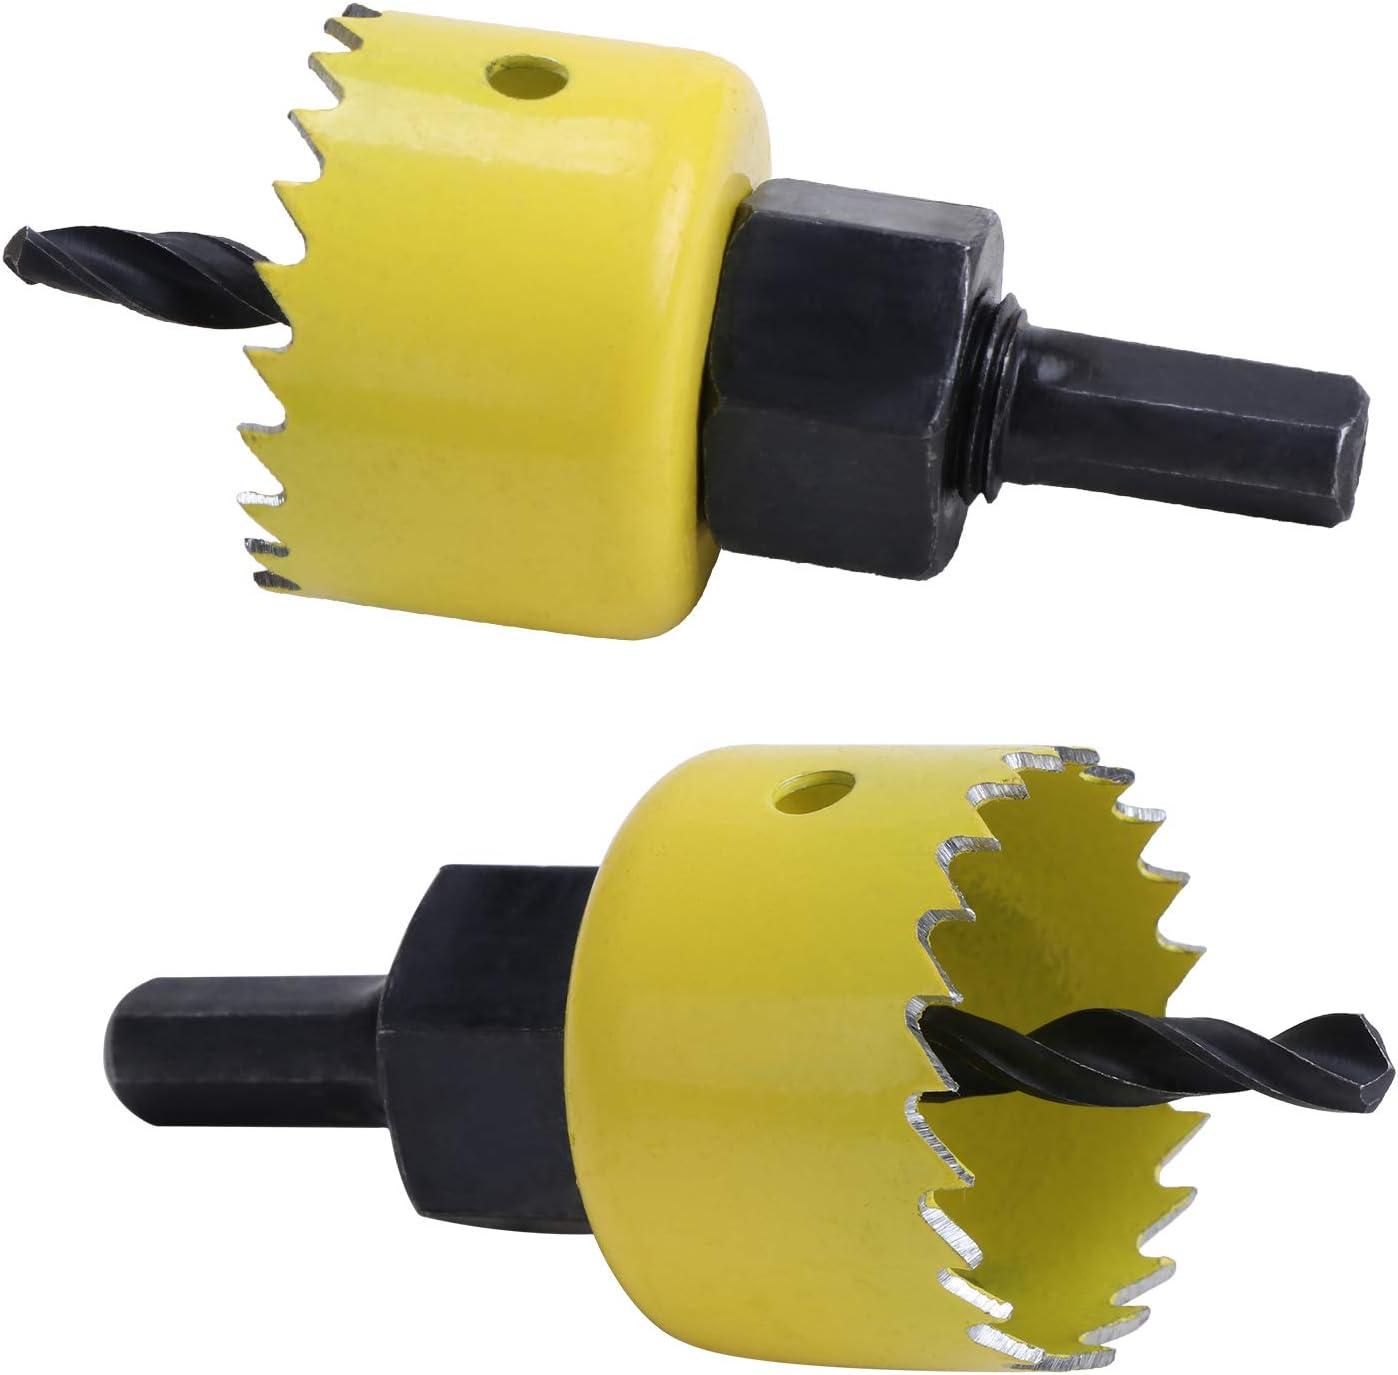 127 mm Juego de sierras de corona de acero al carbono HSEAMALL pl/ástico 17 piezas placas de yeso herramientas para taladro para madera 19